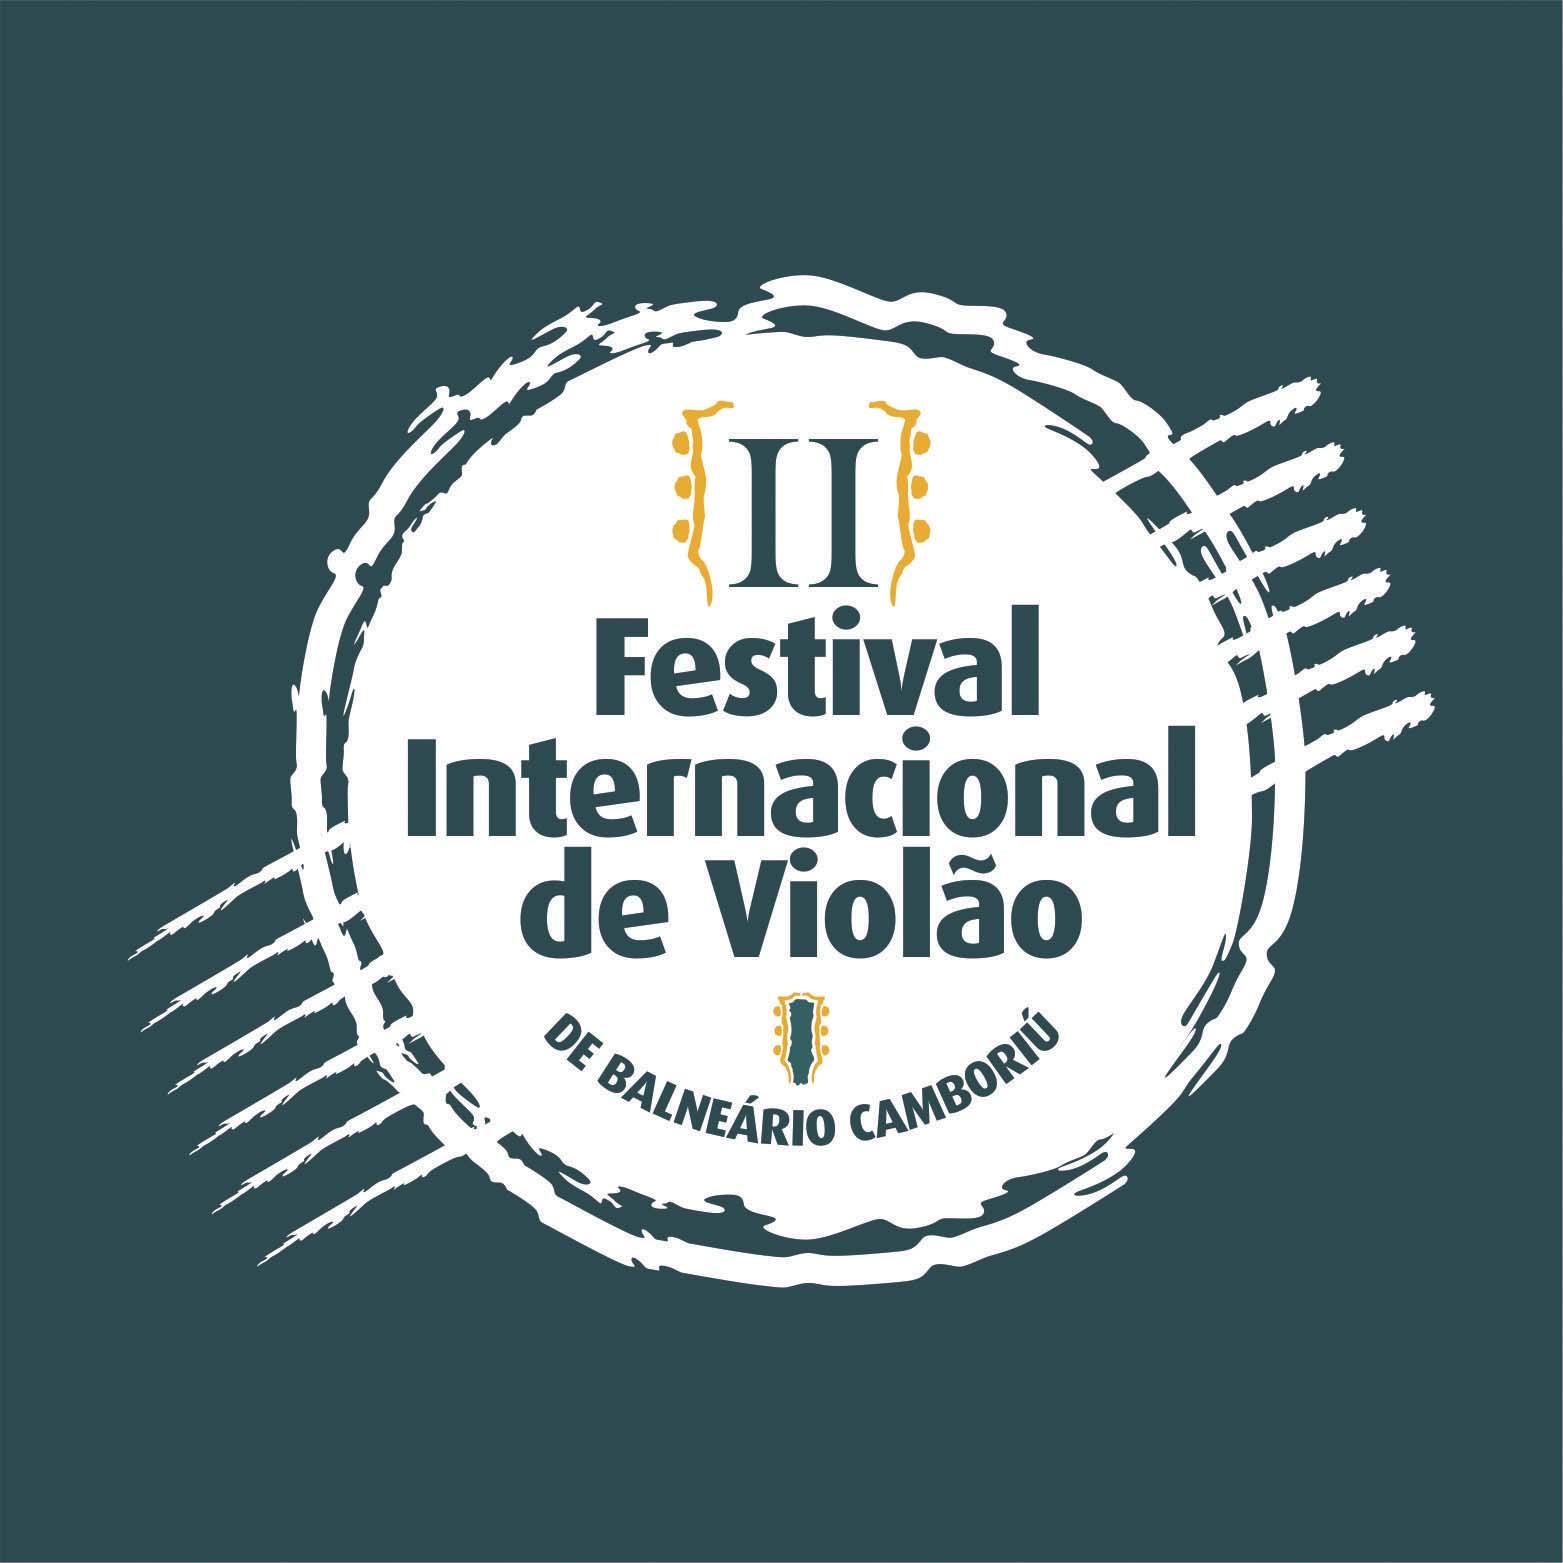 II Festival Internacional de Violão de Balneário Camboriú